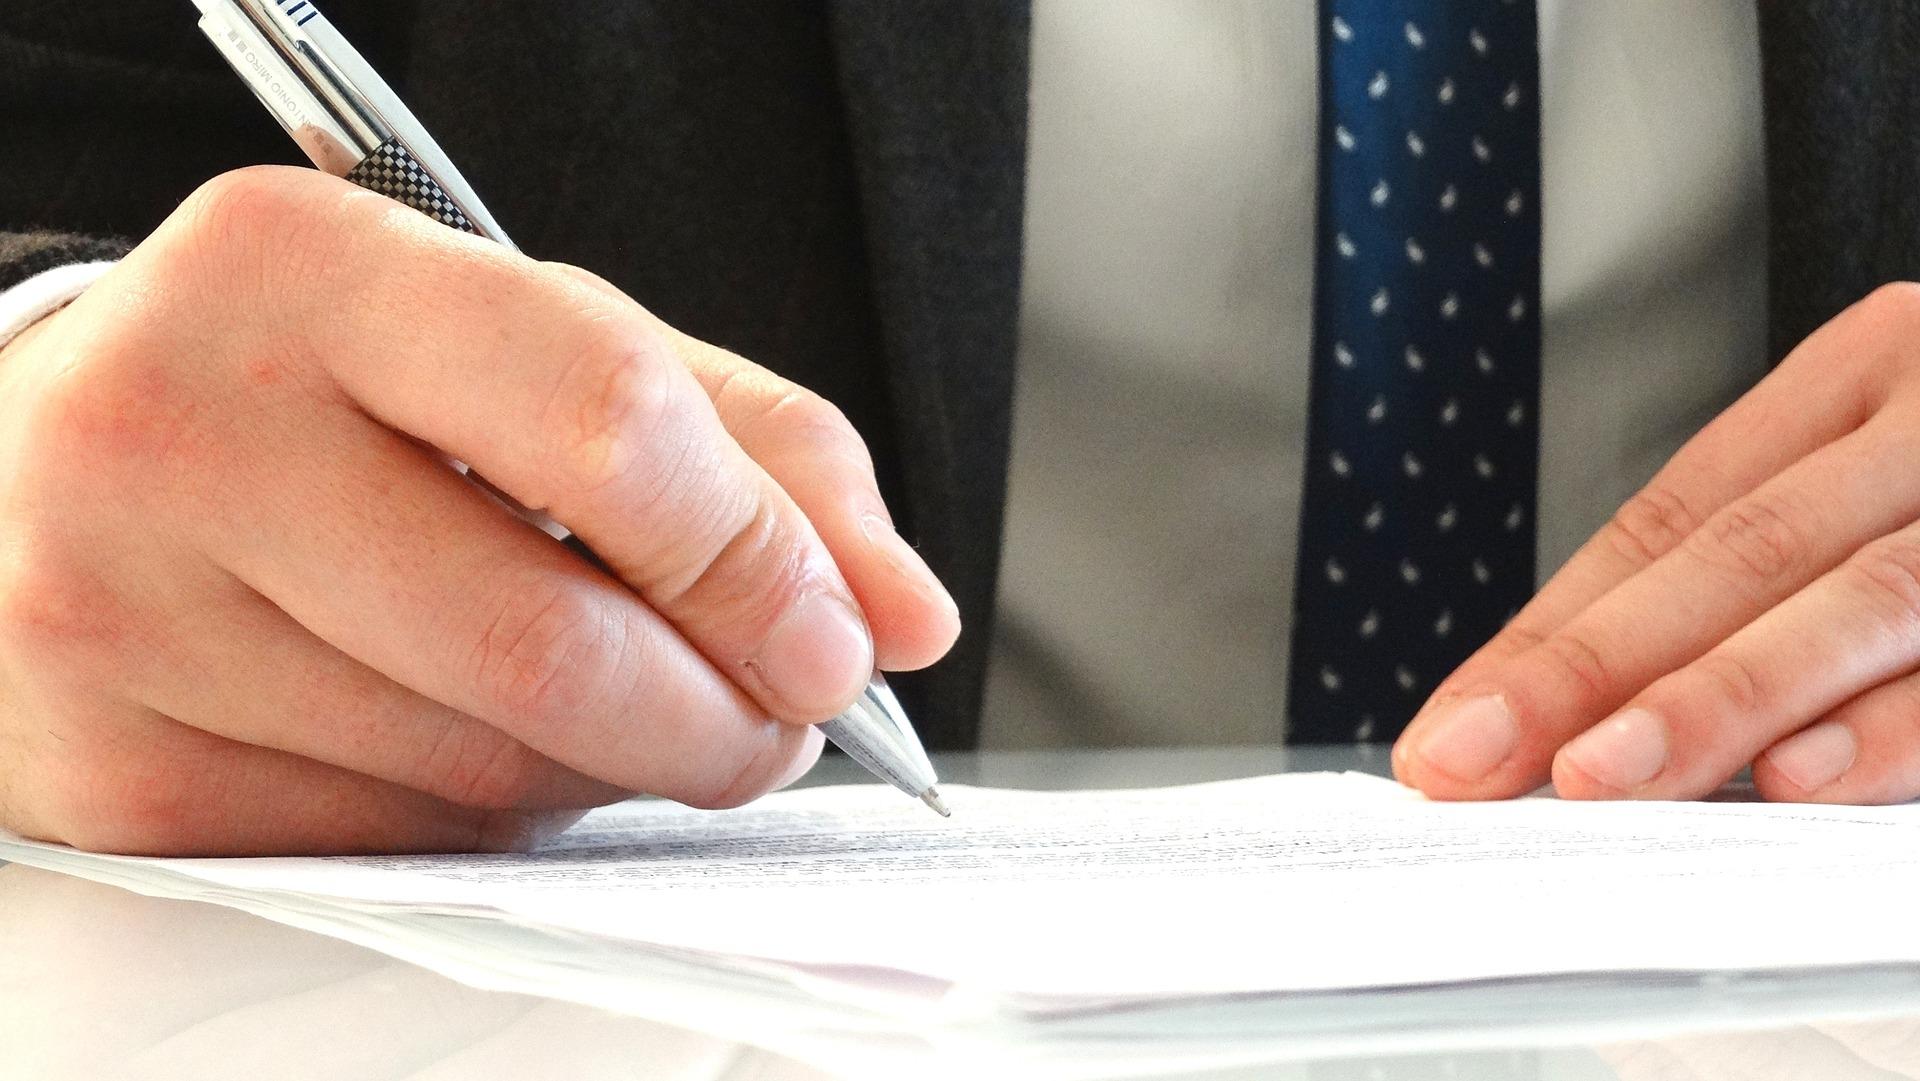 רשות האכיפה והגבייה במכתבי אזהרה לעצמאיים: אי הפרשה לפנסיה תגרור קנס של 500 שקל